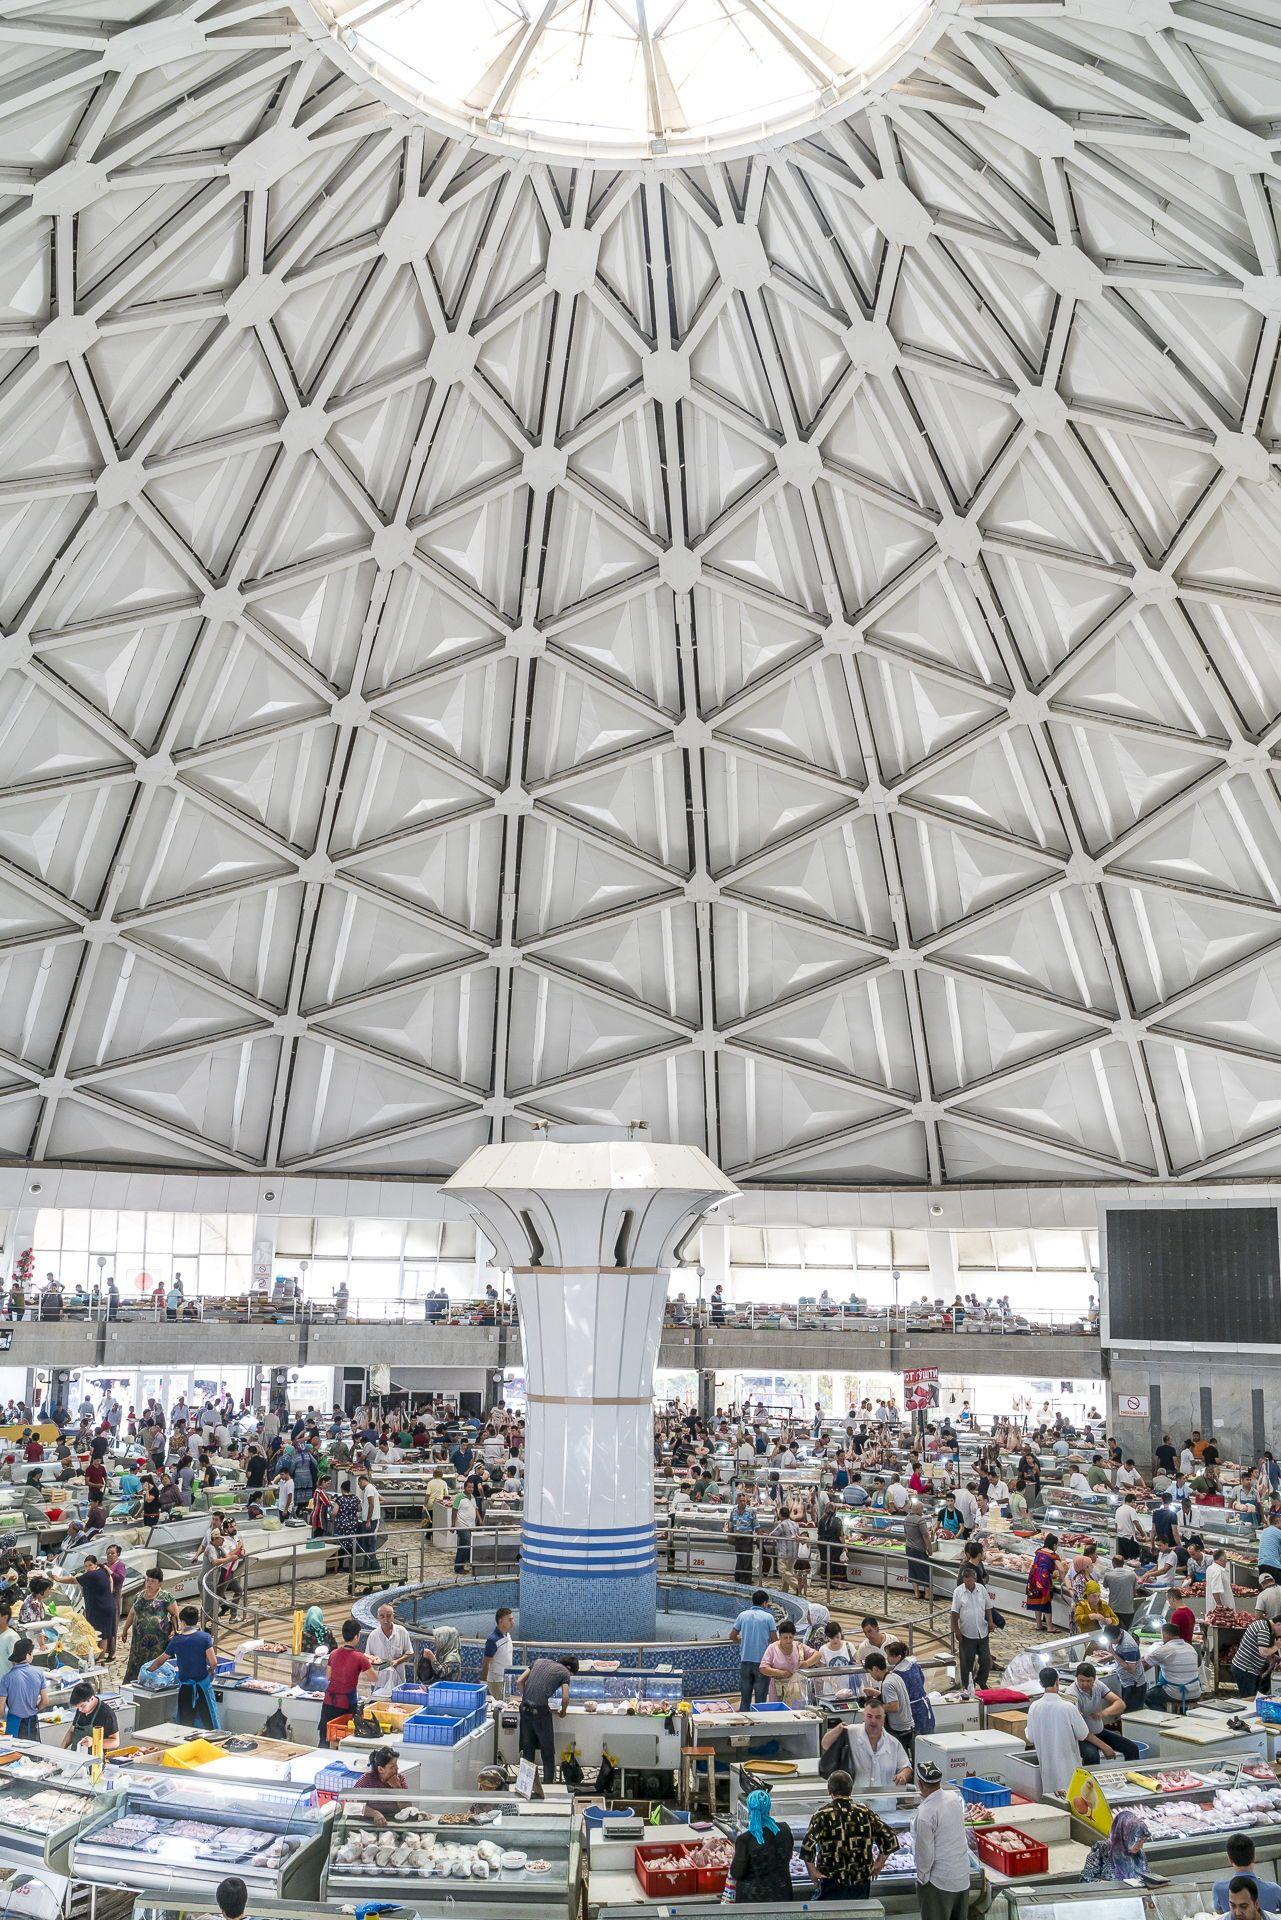 Usbekistan Rundreise Highlights Von Taschkent Bis Nukus Sehenswurdigkeiten Usbekistan Reisen Taschkent